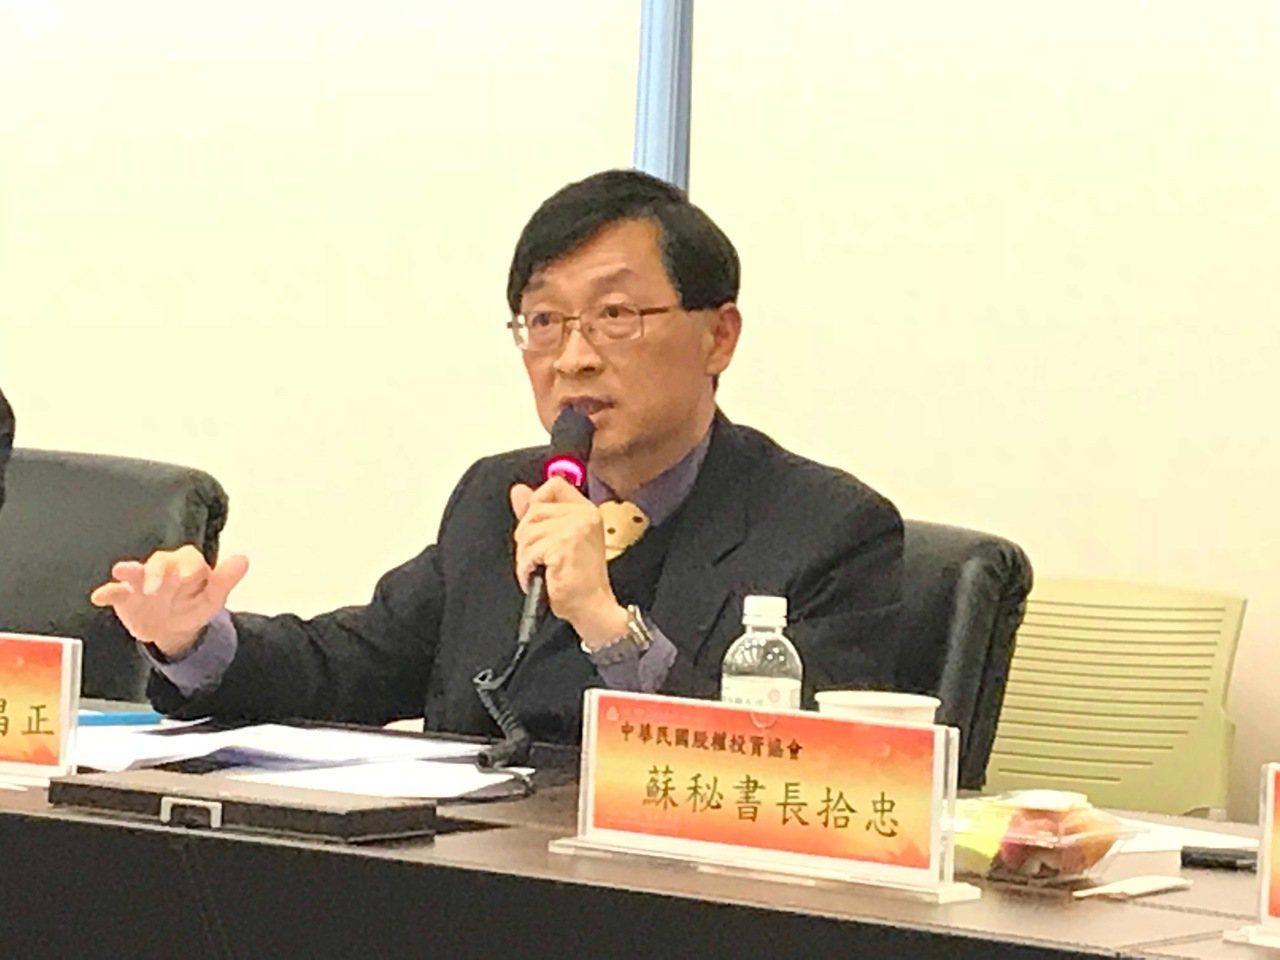 壽險公會副秘書長陳昌正。記者陳怡慈/攝影